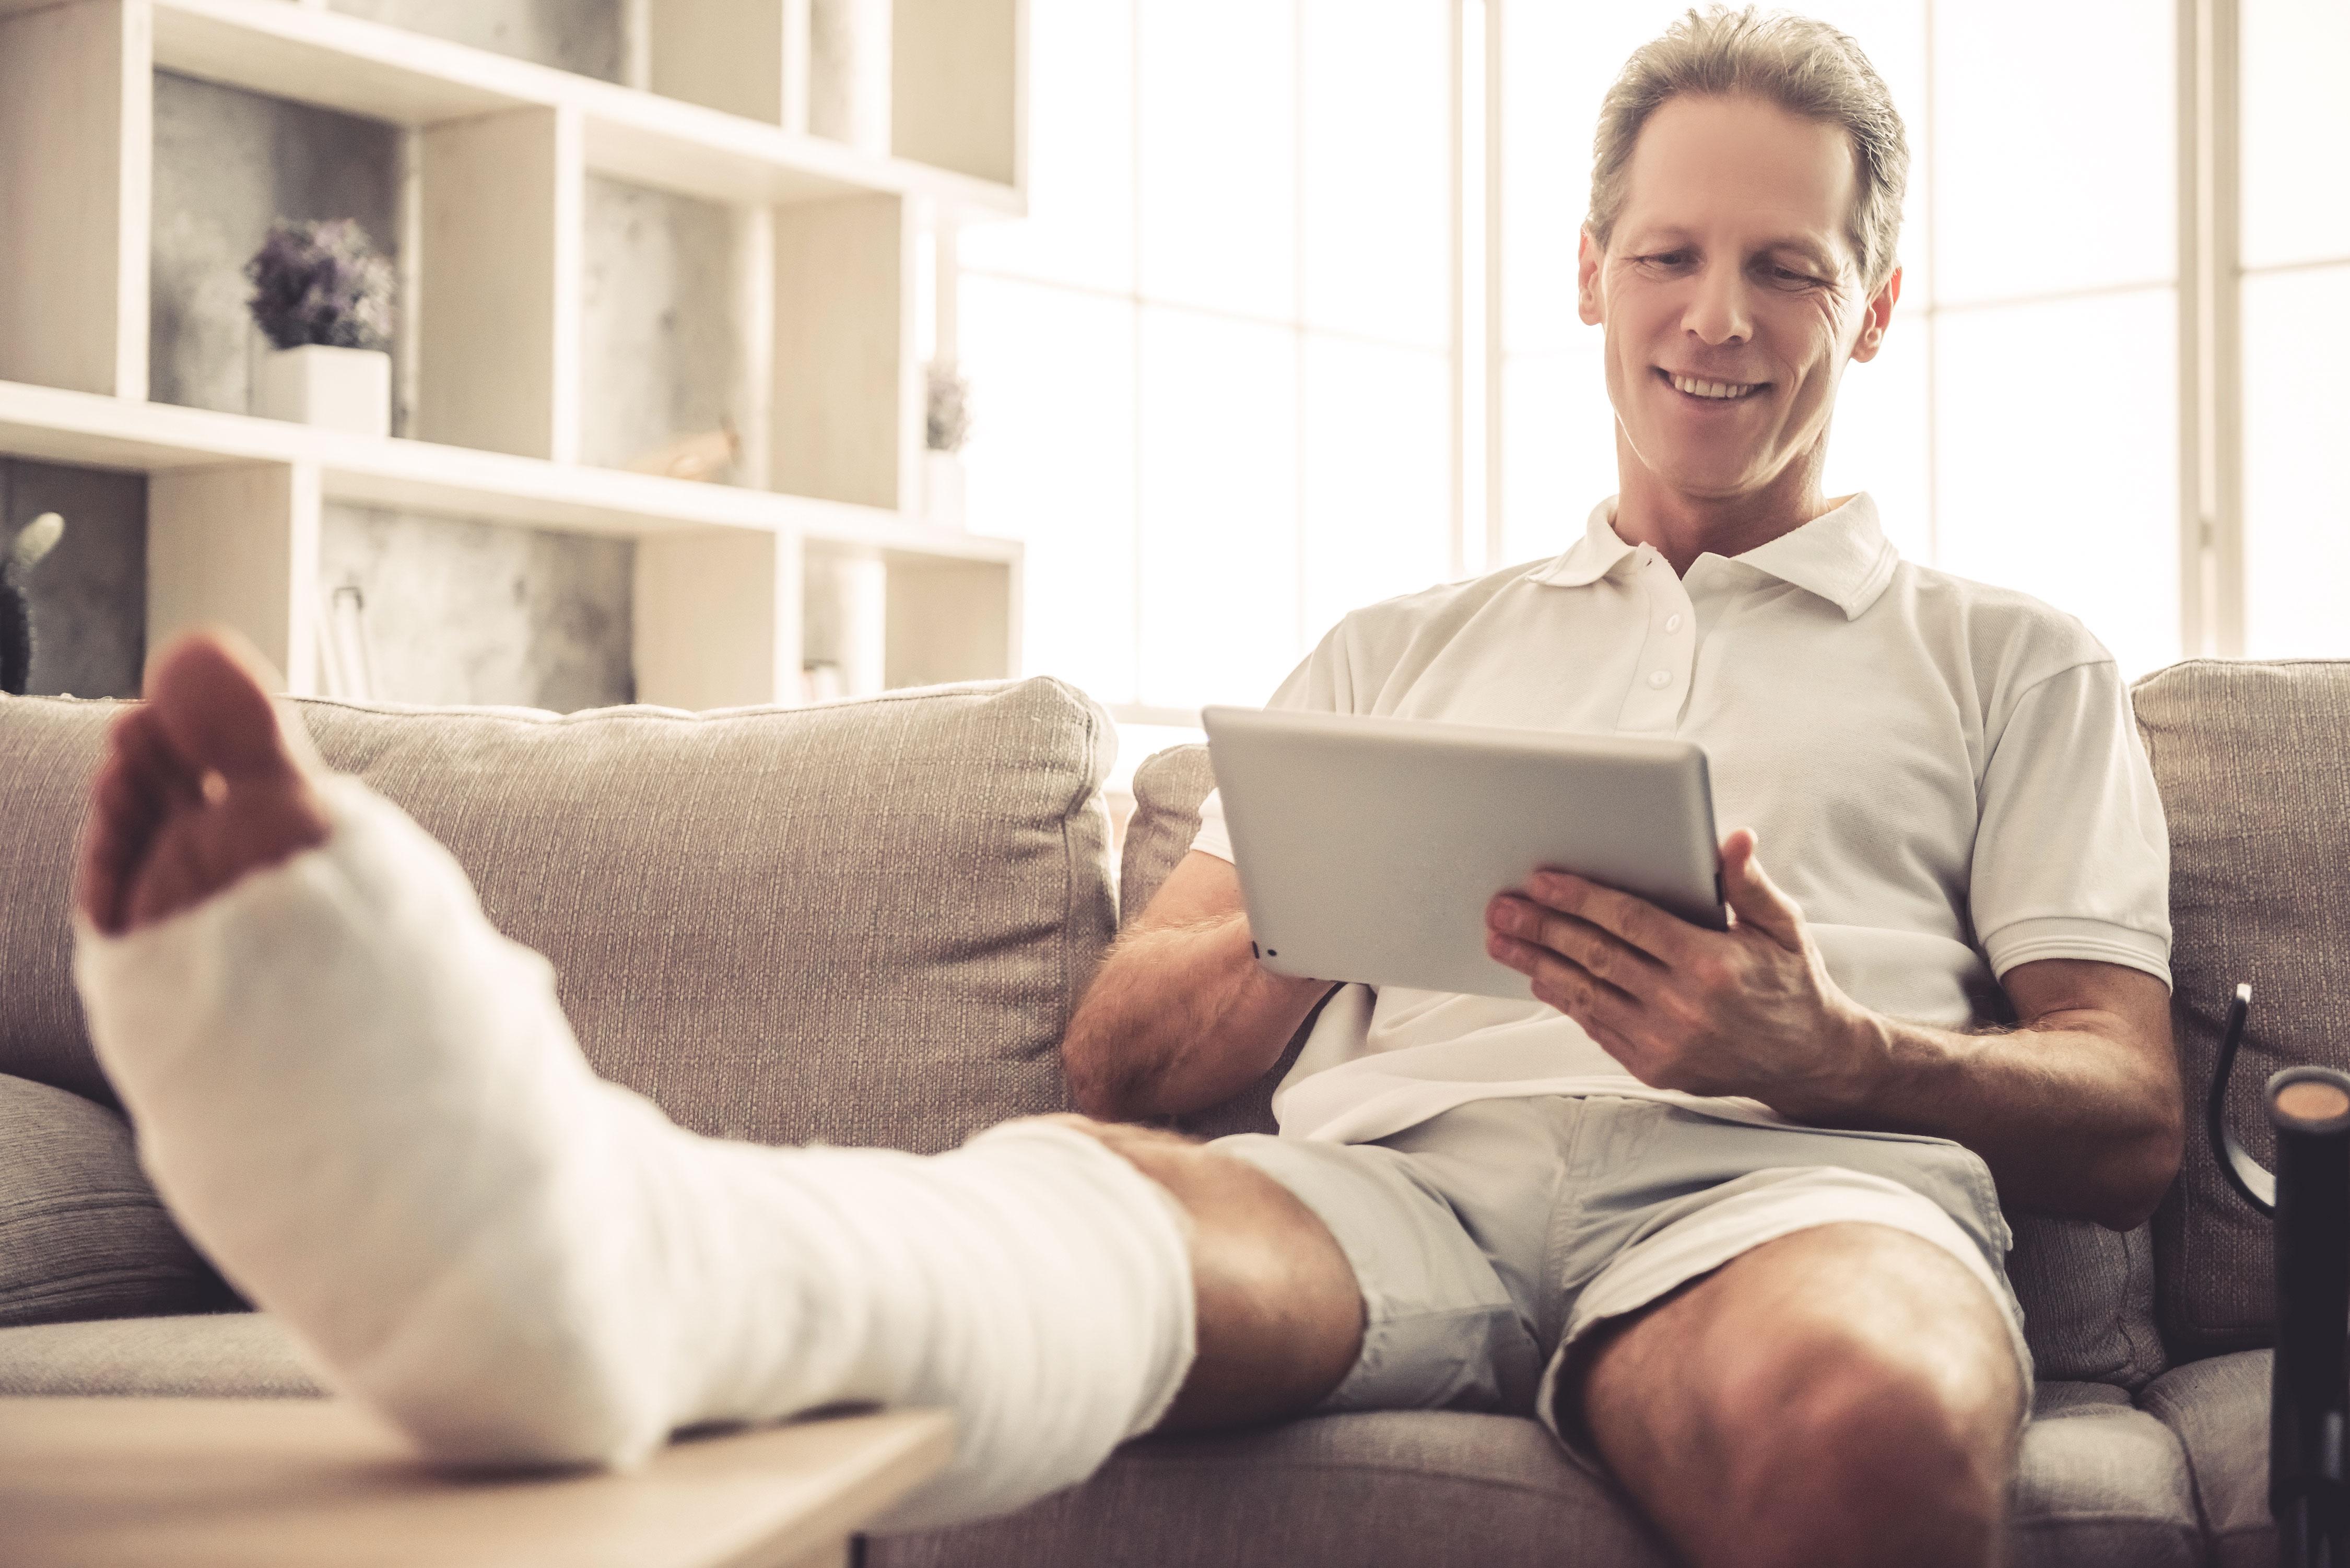 Mann mit gebrochenem Bein entspannt auf dem Sofa mit seinem Tablet